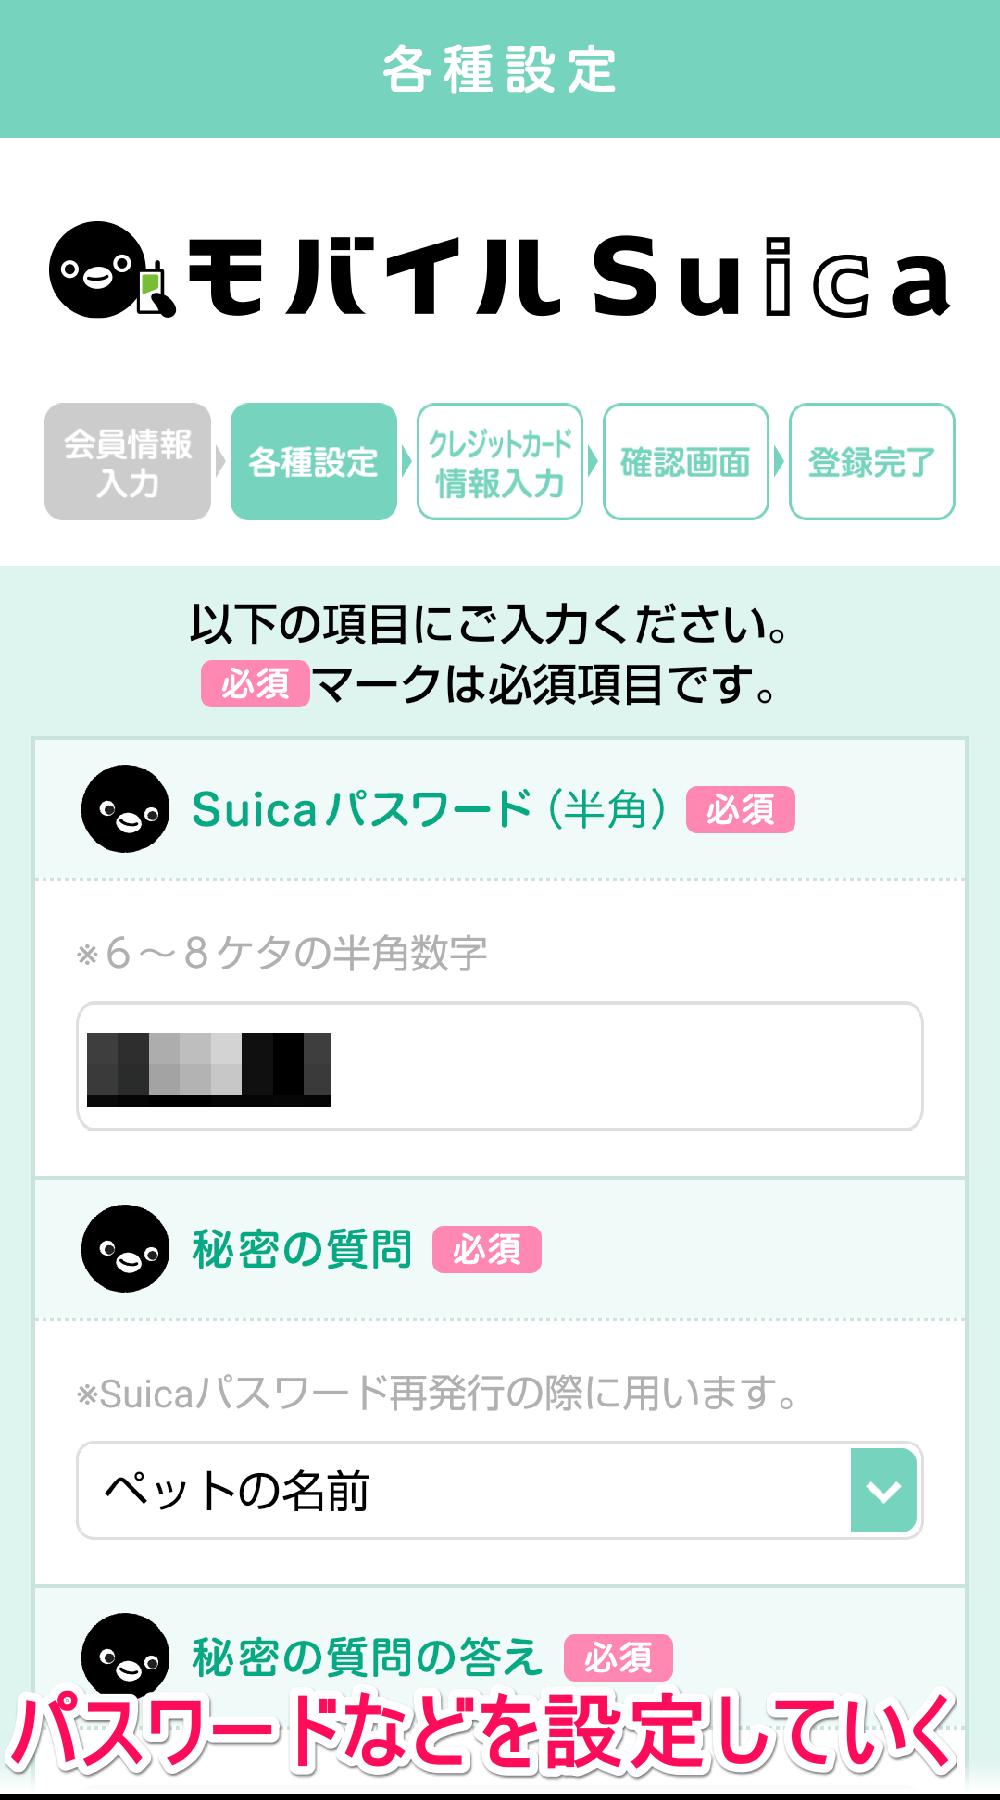 Android(アンドロイド)スマートフォン版「モバイルSuica」アプリの「各種設定」画面